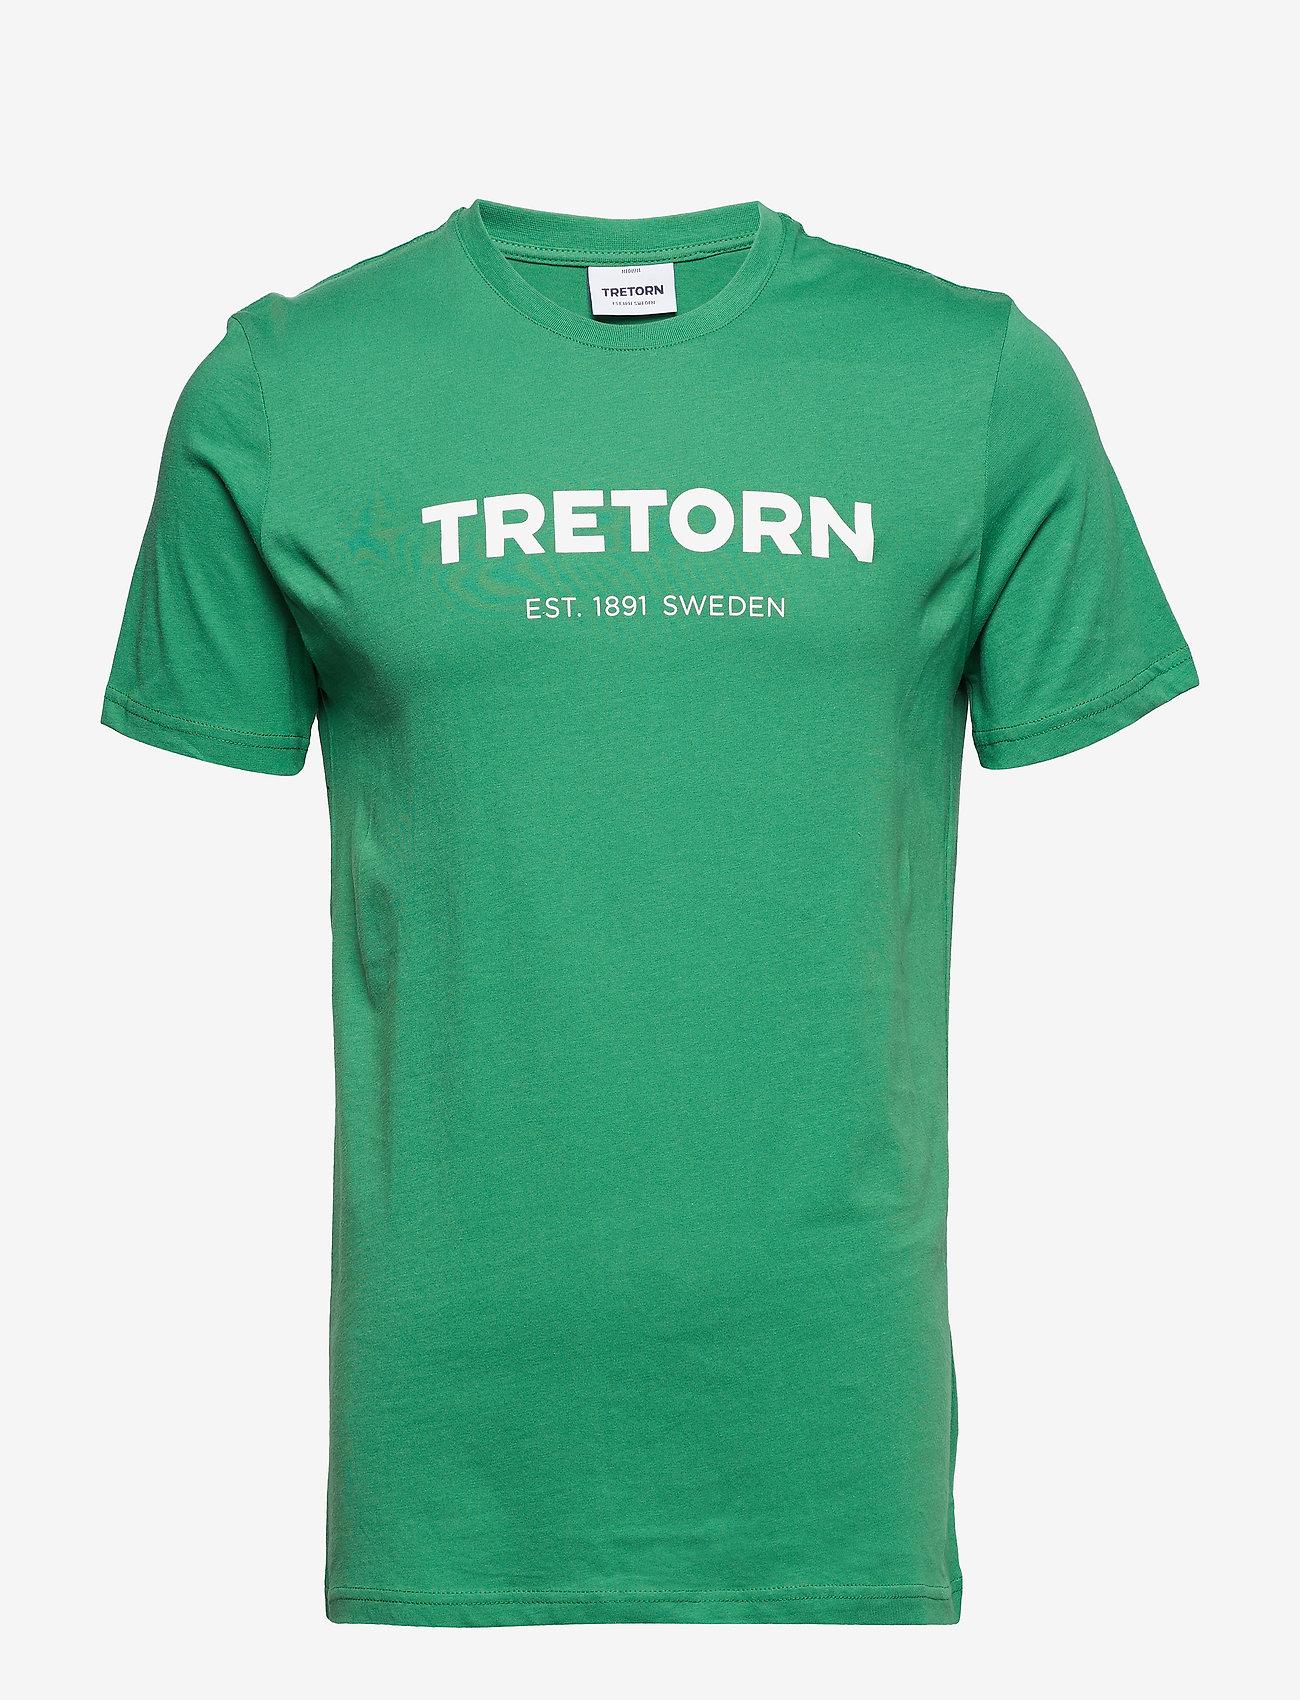 Tretorn - T-SHIRT - t-shirts à manches courtes - green - 0